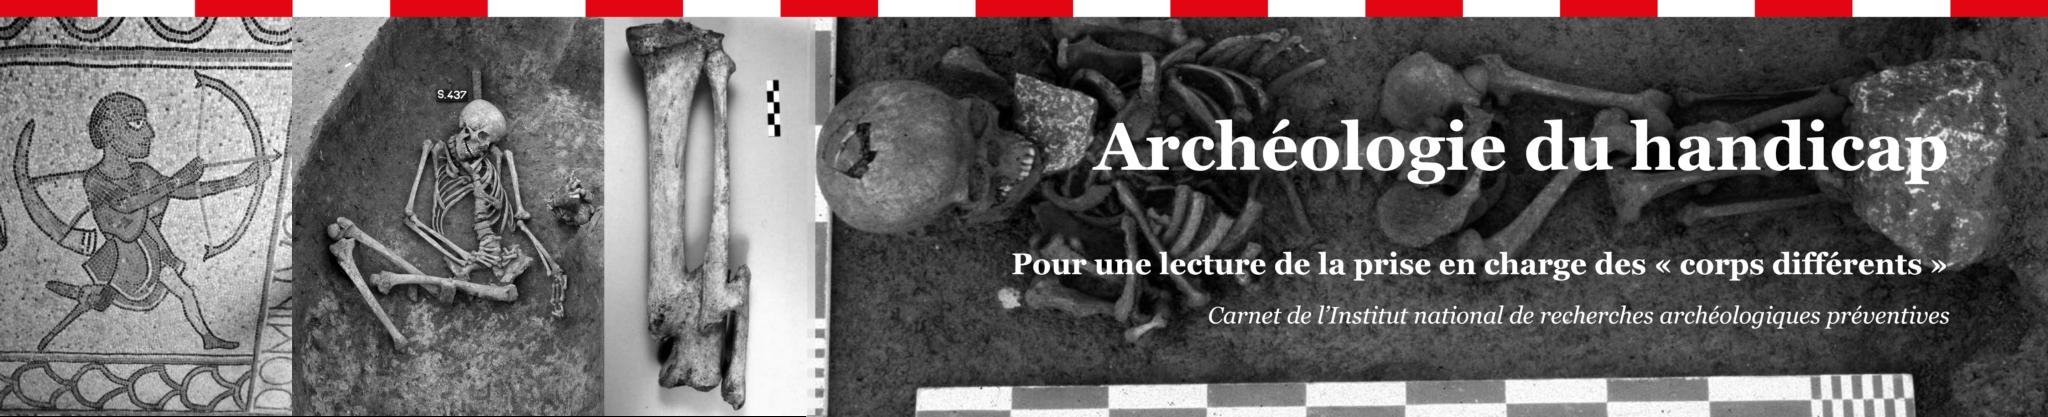 Archéologie du hadicap